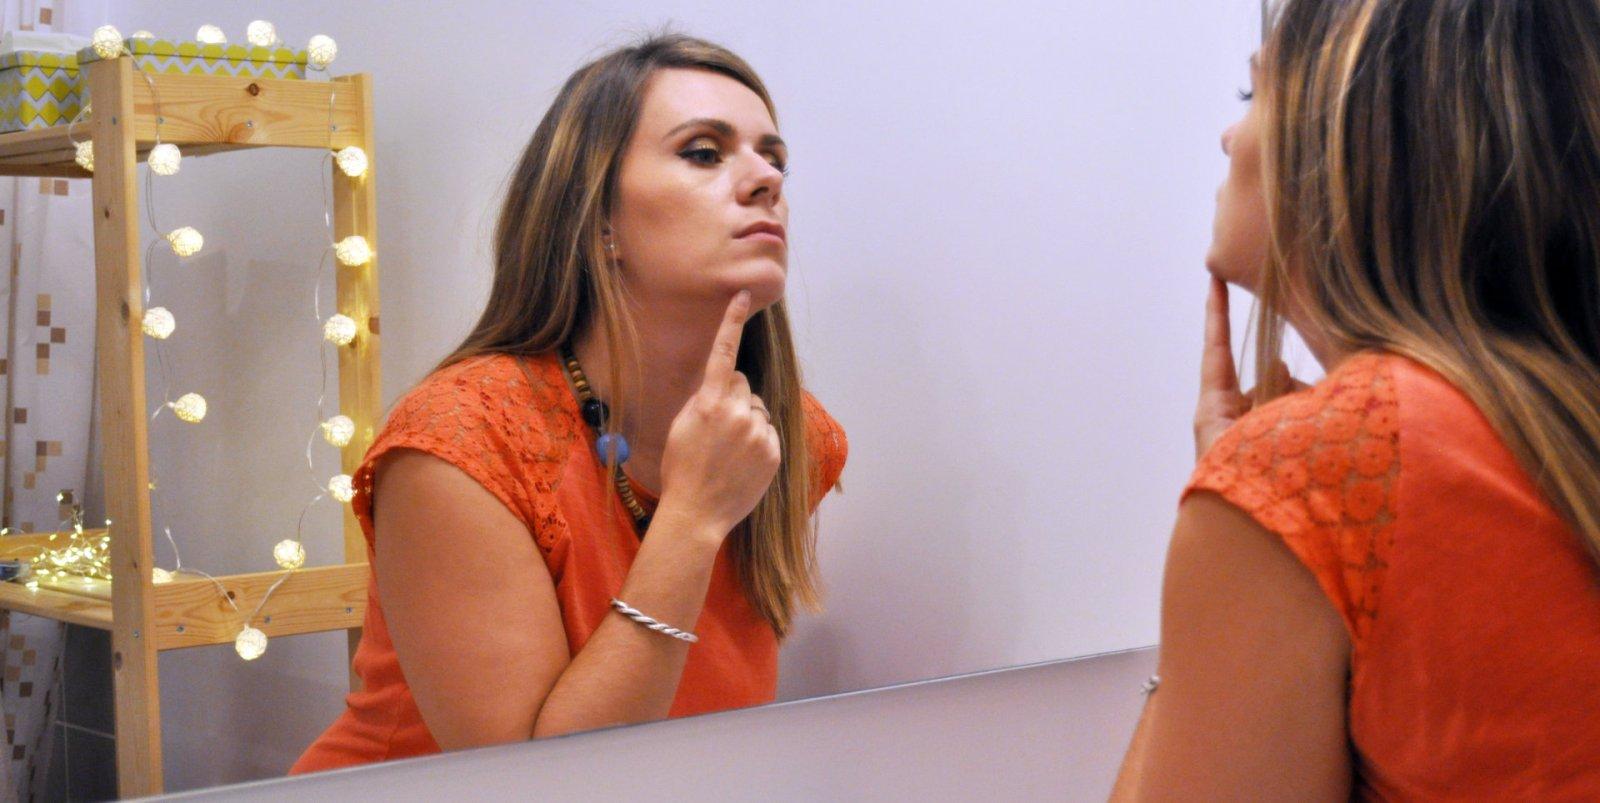 5 erreurs à ne pas commetre quand ona de l'acné - Mon peau de crème- Emonoé - Blogueuse Lyonnaise